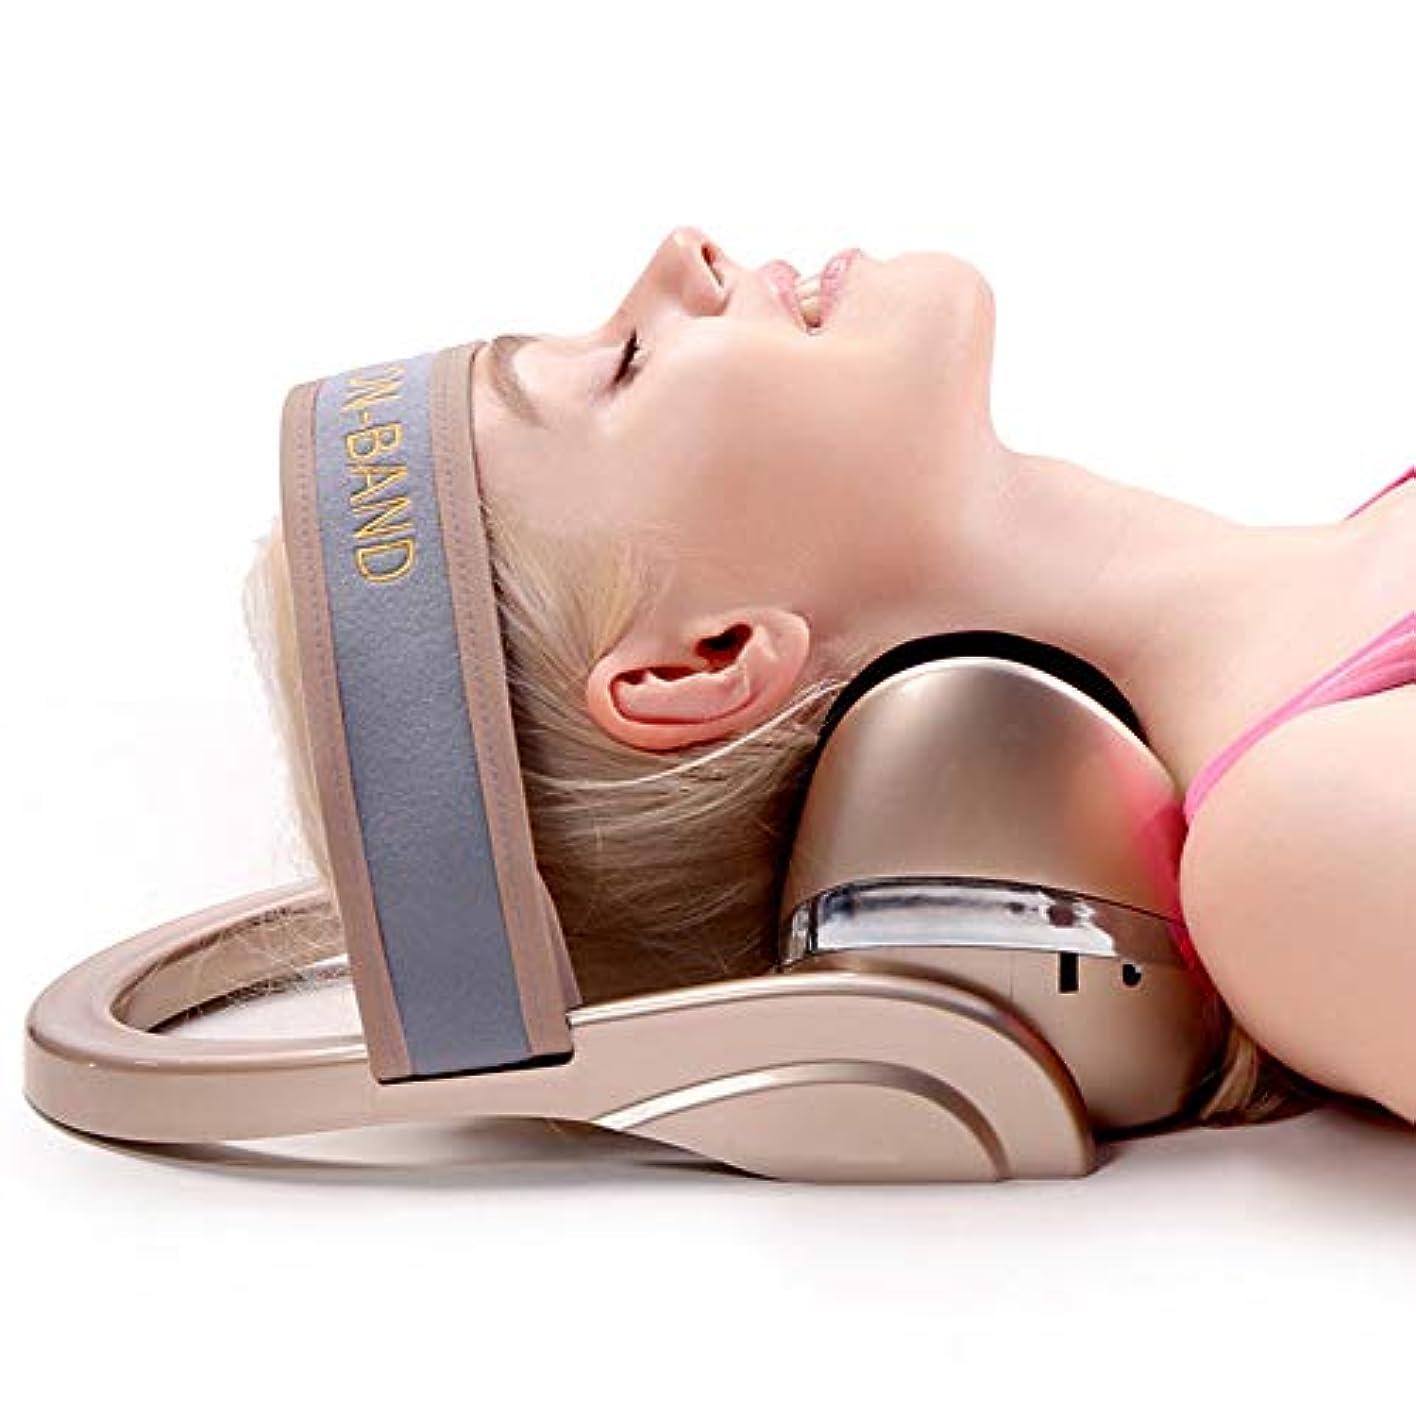 拒絶活性化する傾向があります整形外科の救助の首およびサポート肩の上部の背骨の緩い苦痛のマッサージの牽引のための電気頚椎のマッサージの弛緩の枕